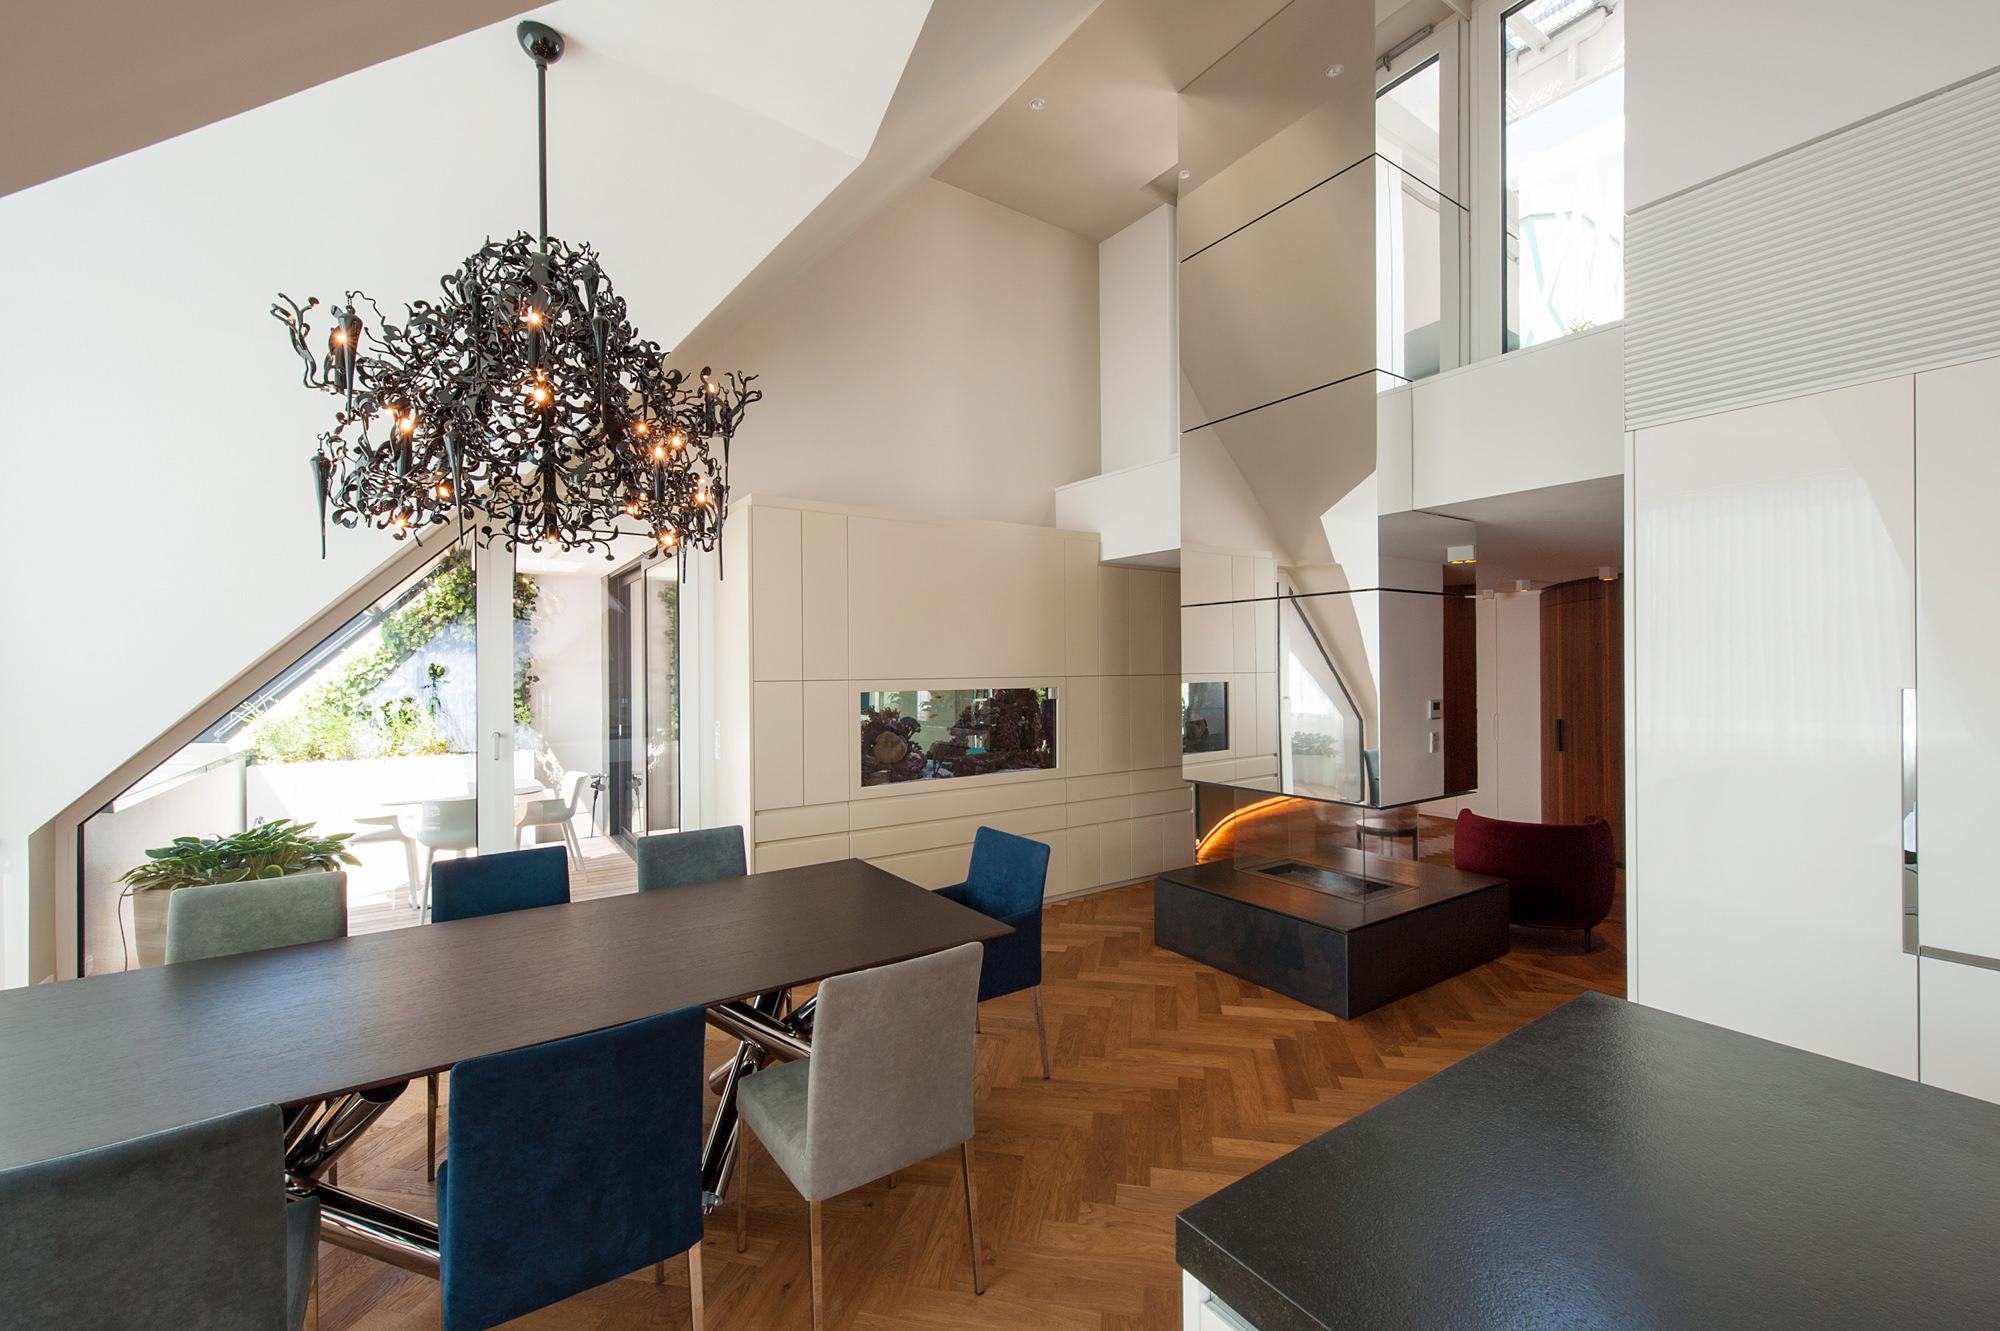 penthouse_b_04_dachausbau_mit_terrasse_1070_wien_junger_beer_architektur